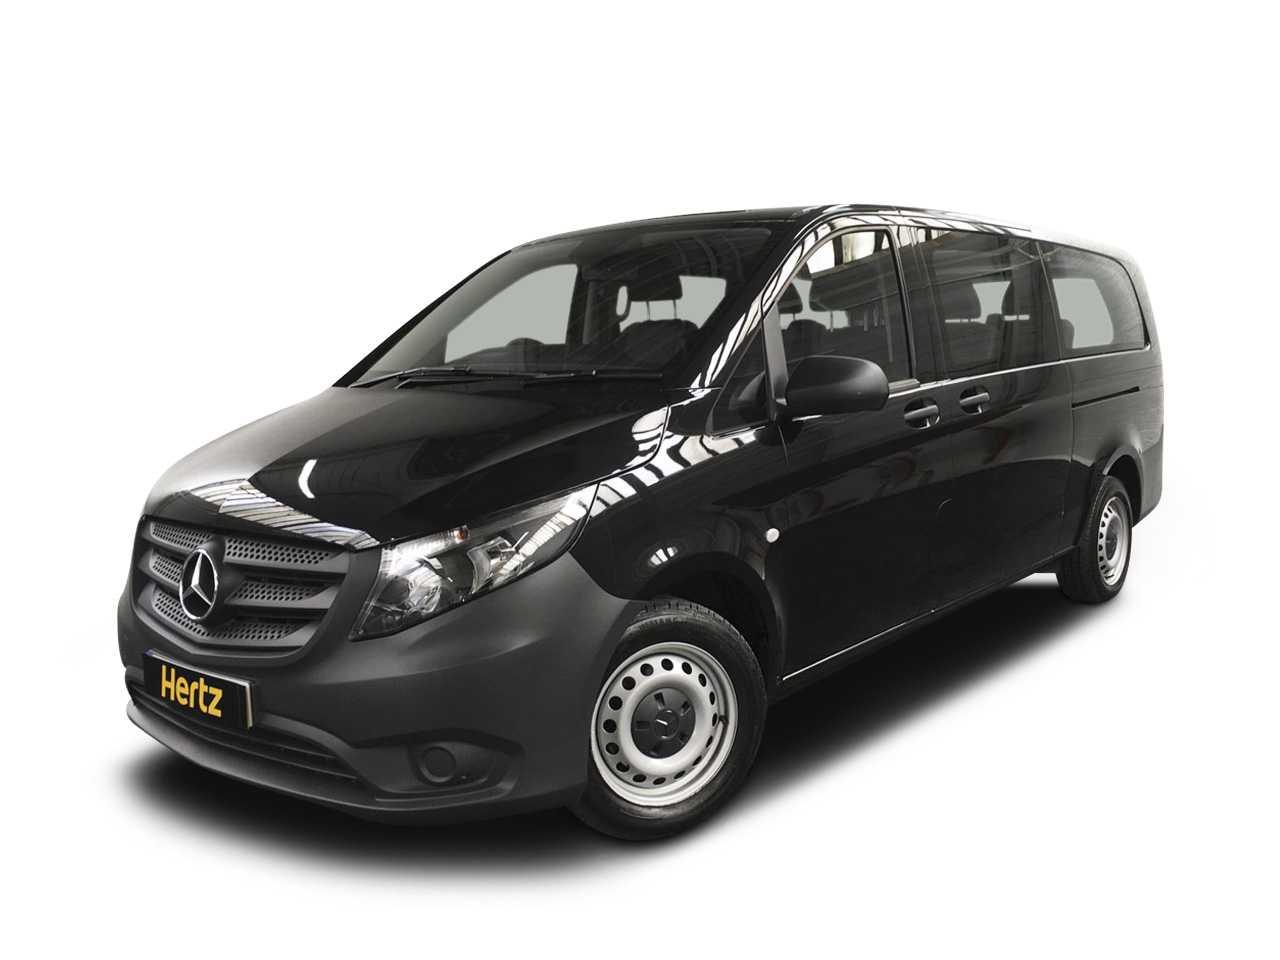 Mercedes Vito Tourer LWB Car for hire